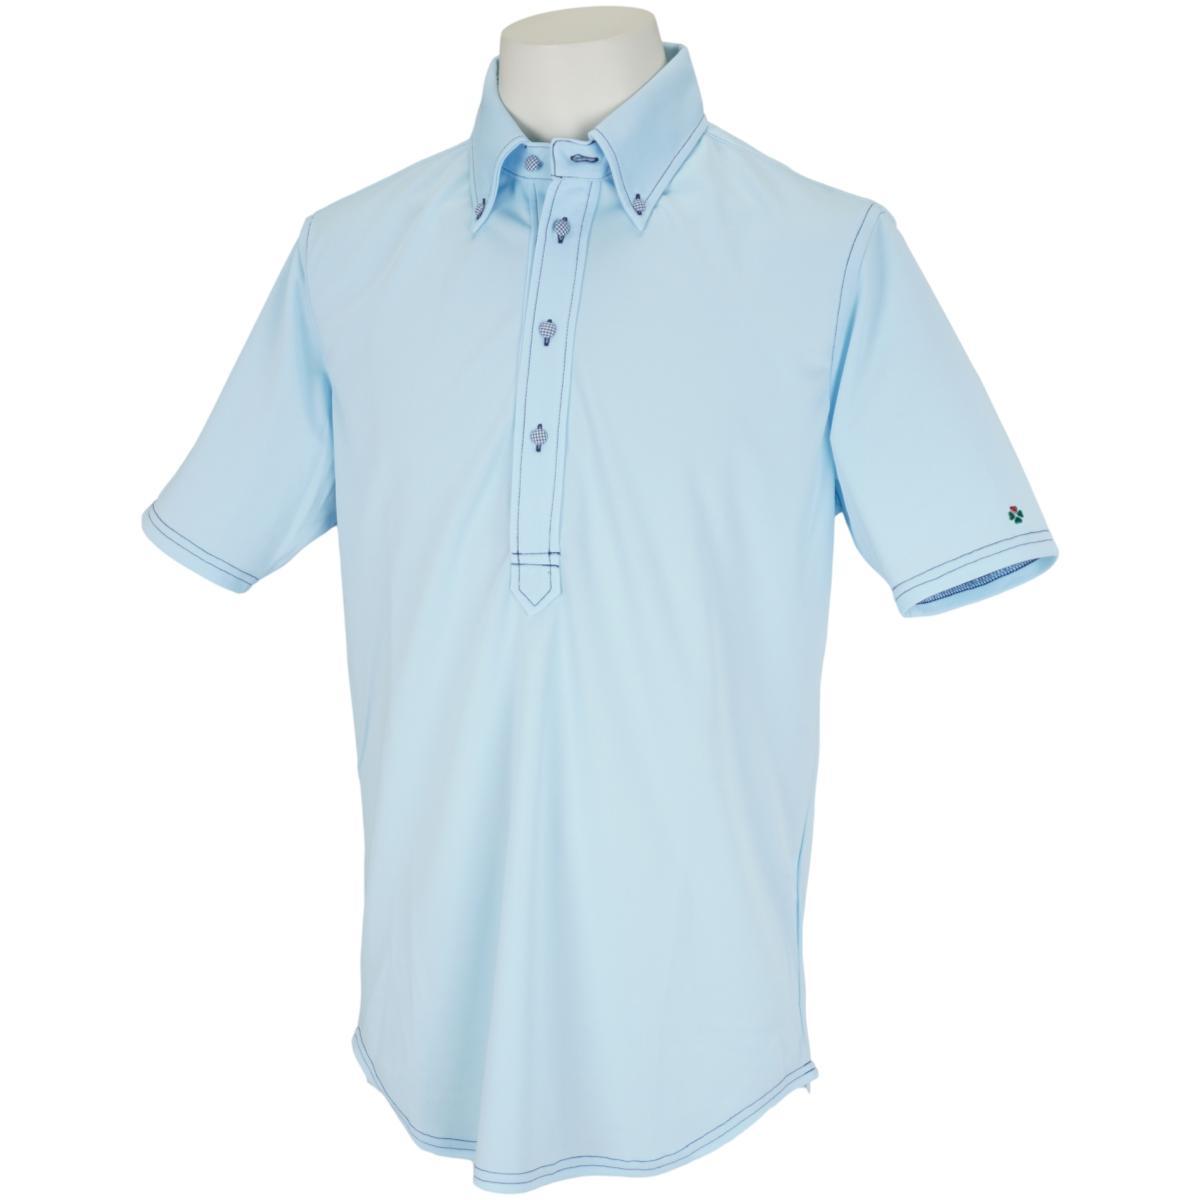 ギンガム包みボタン 半袖ボタンダウンポロシャツ